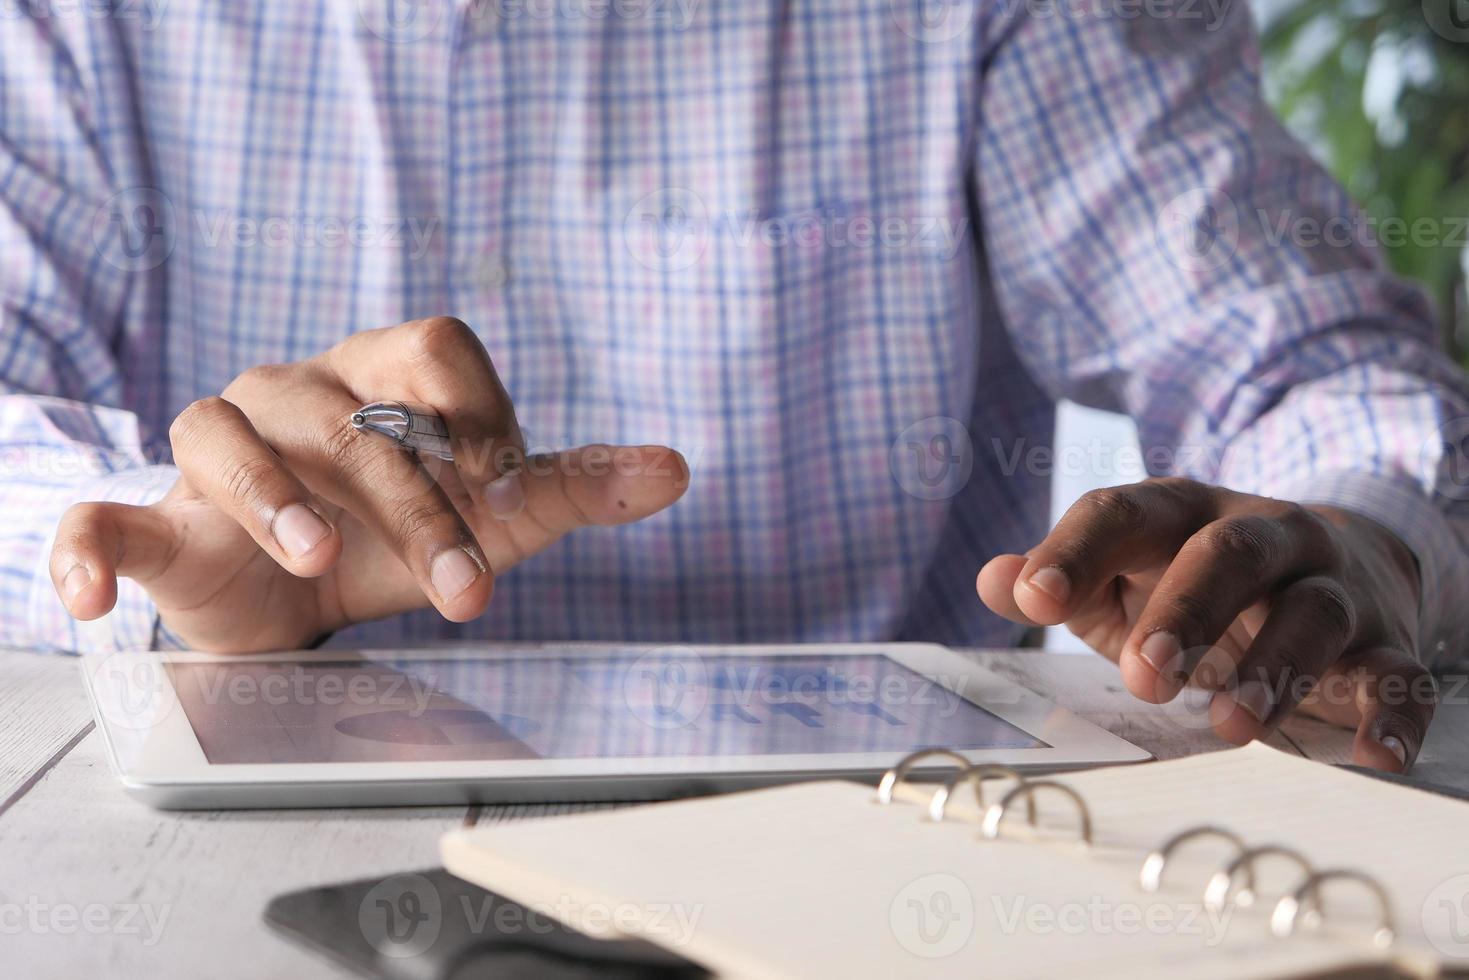 La main de l'homme travaillant sur une tablette numérique au bureau photo